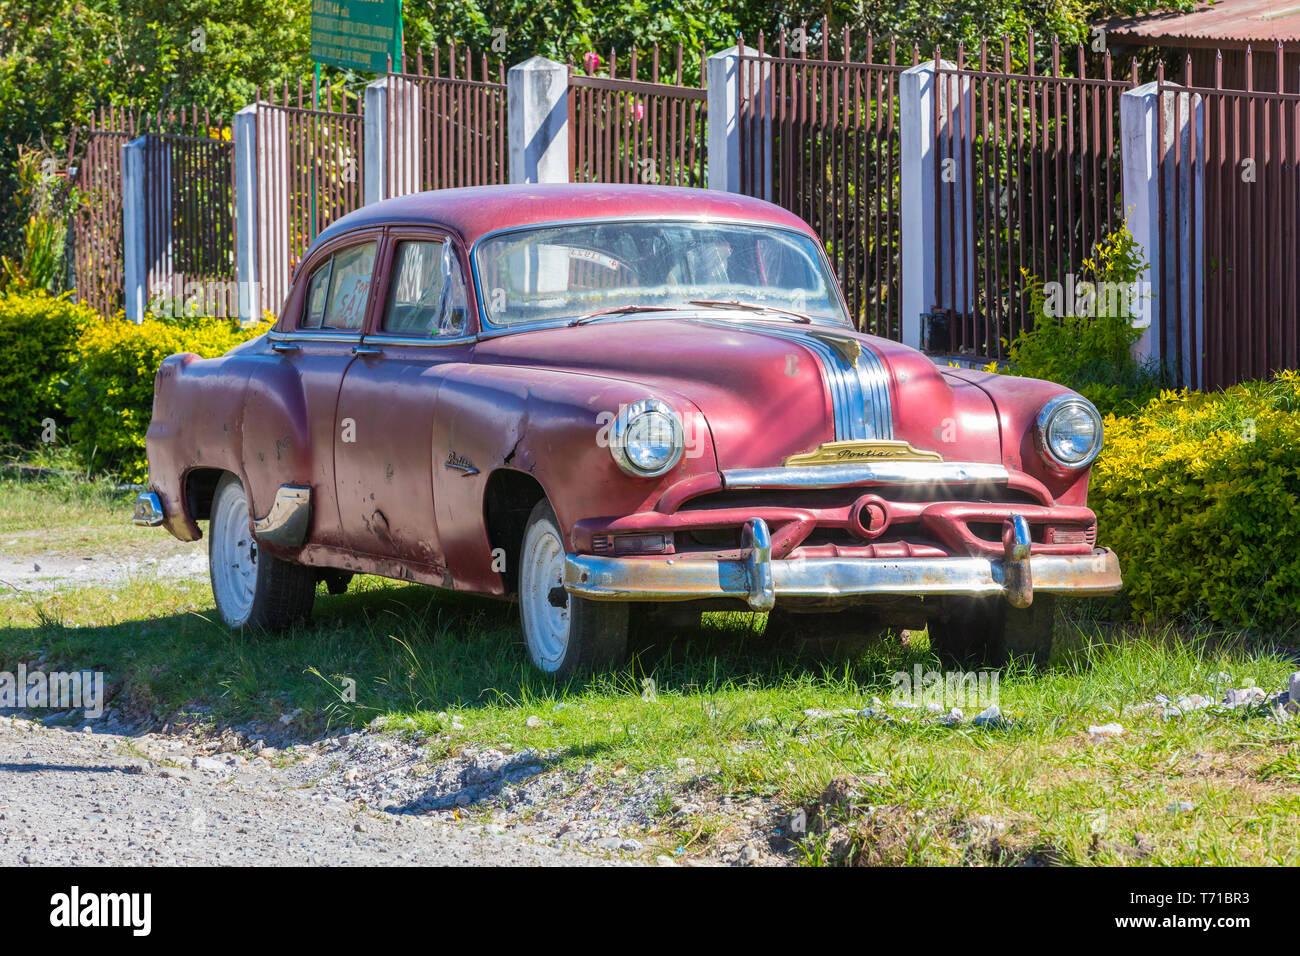 Old Red Pontiac Car Stock Photo Alamy